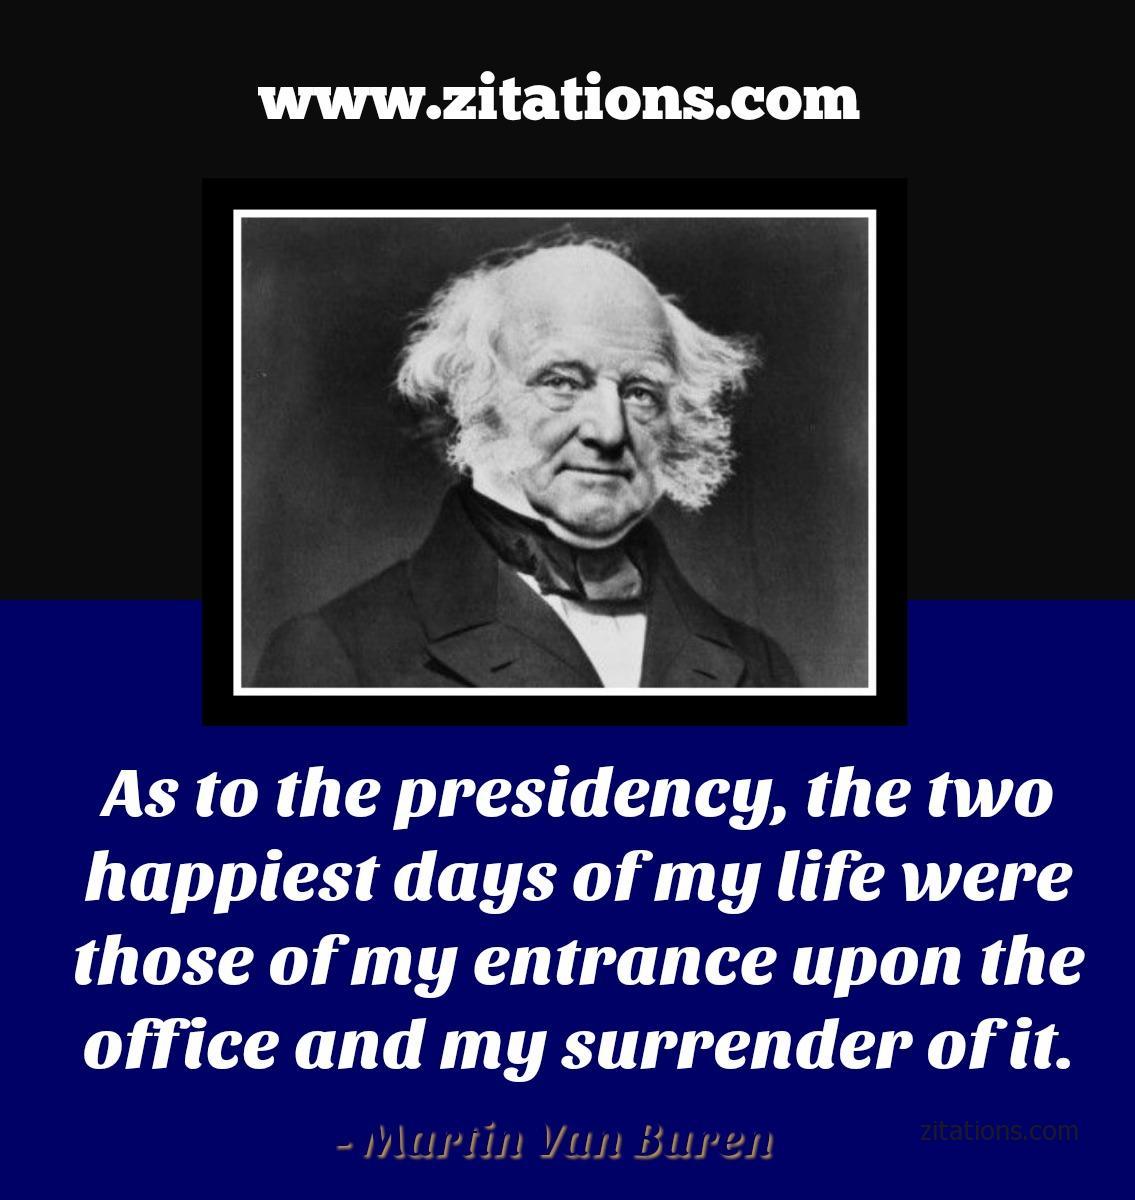 Quote from Martin Van Buren